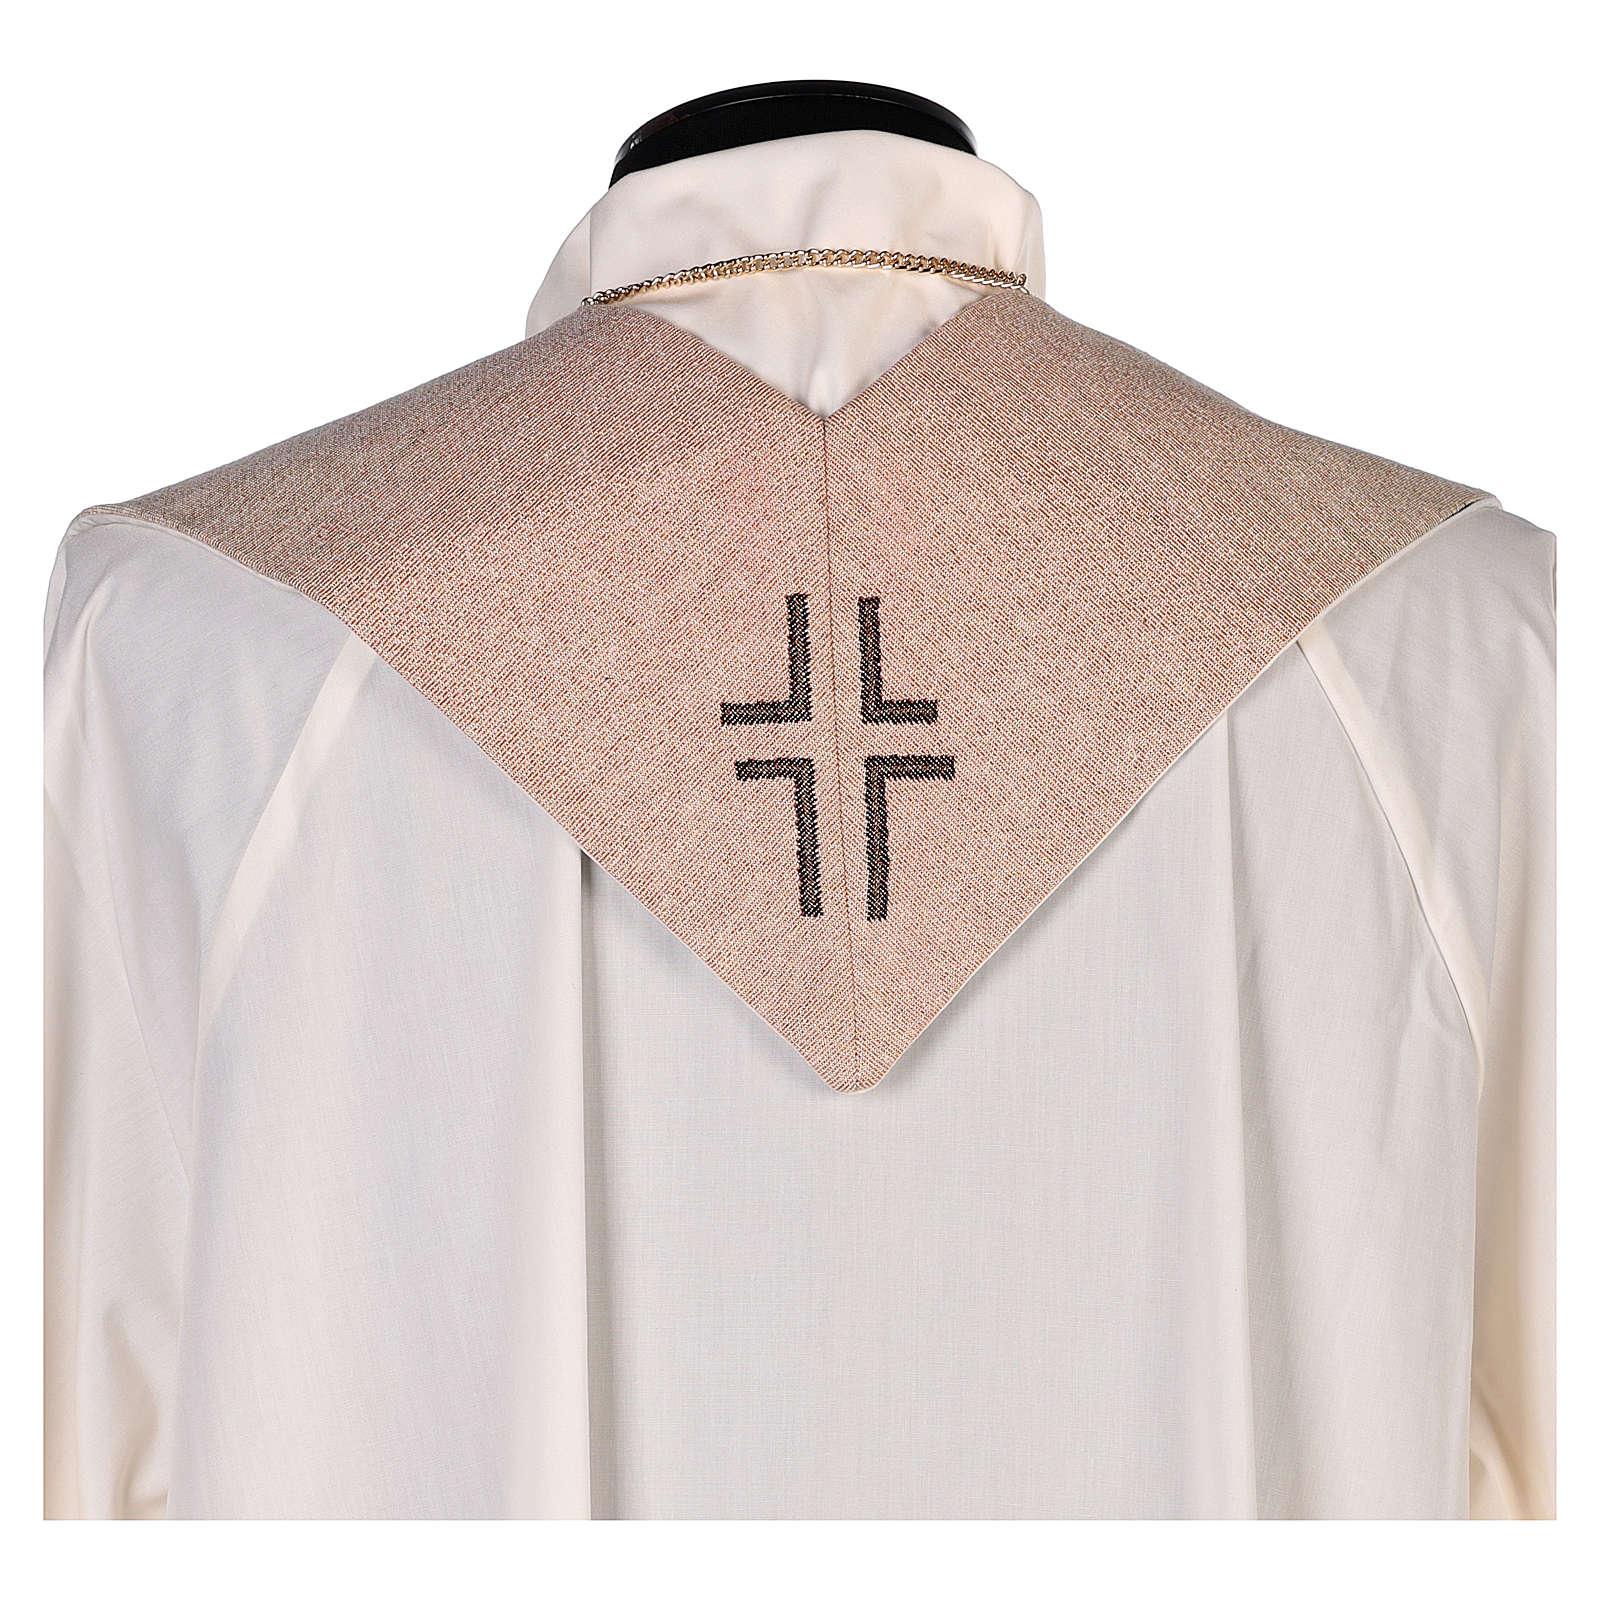 Stola simbolo vocazione con volto di Gesù avorio 4